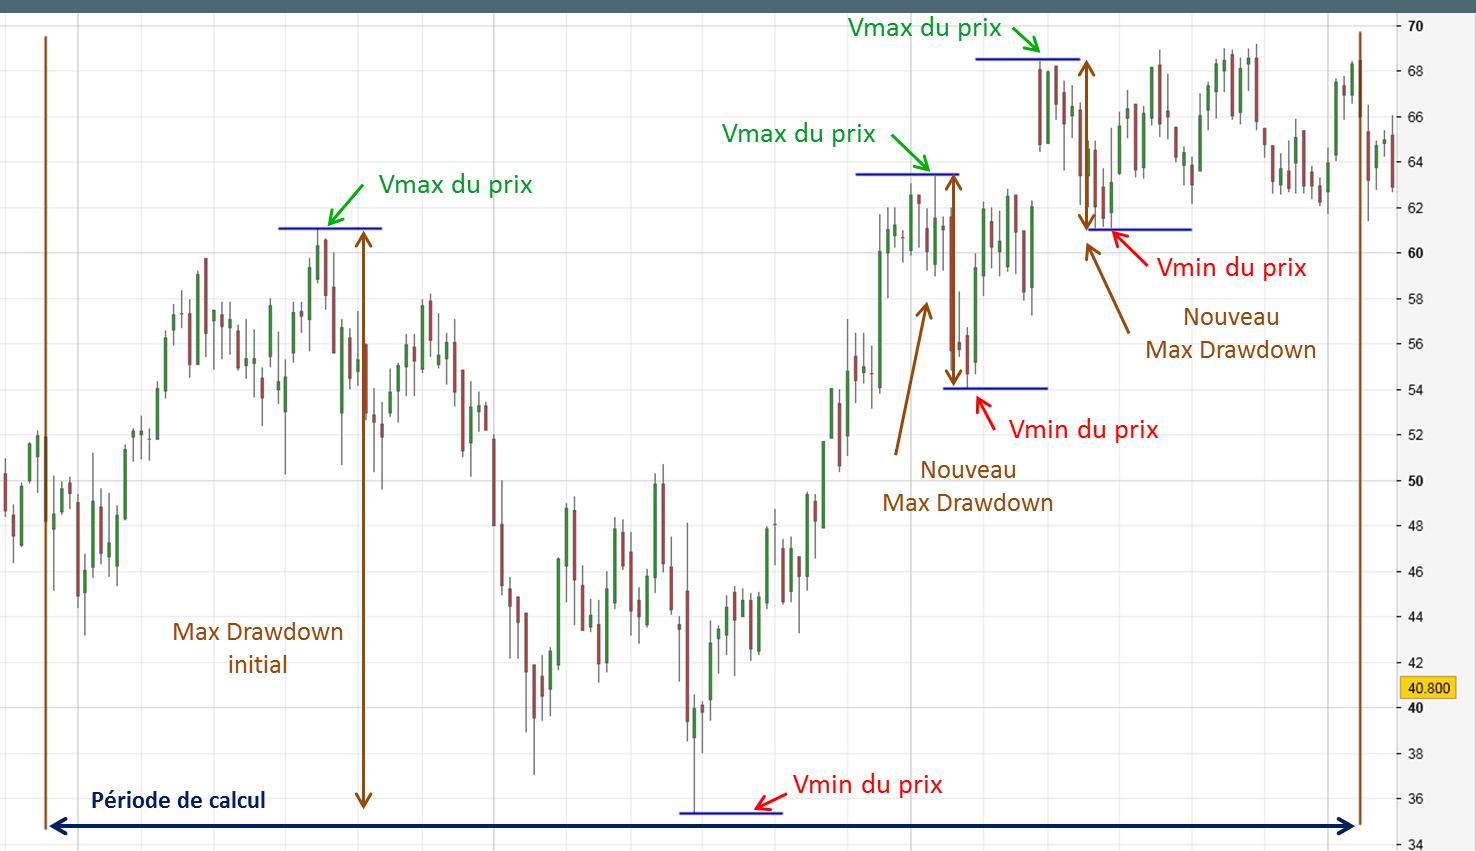 Calculer la volatilité du prix avec le max drawdown